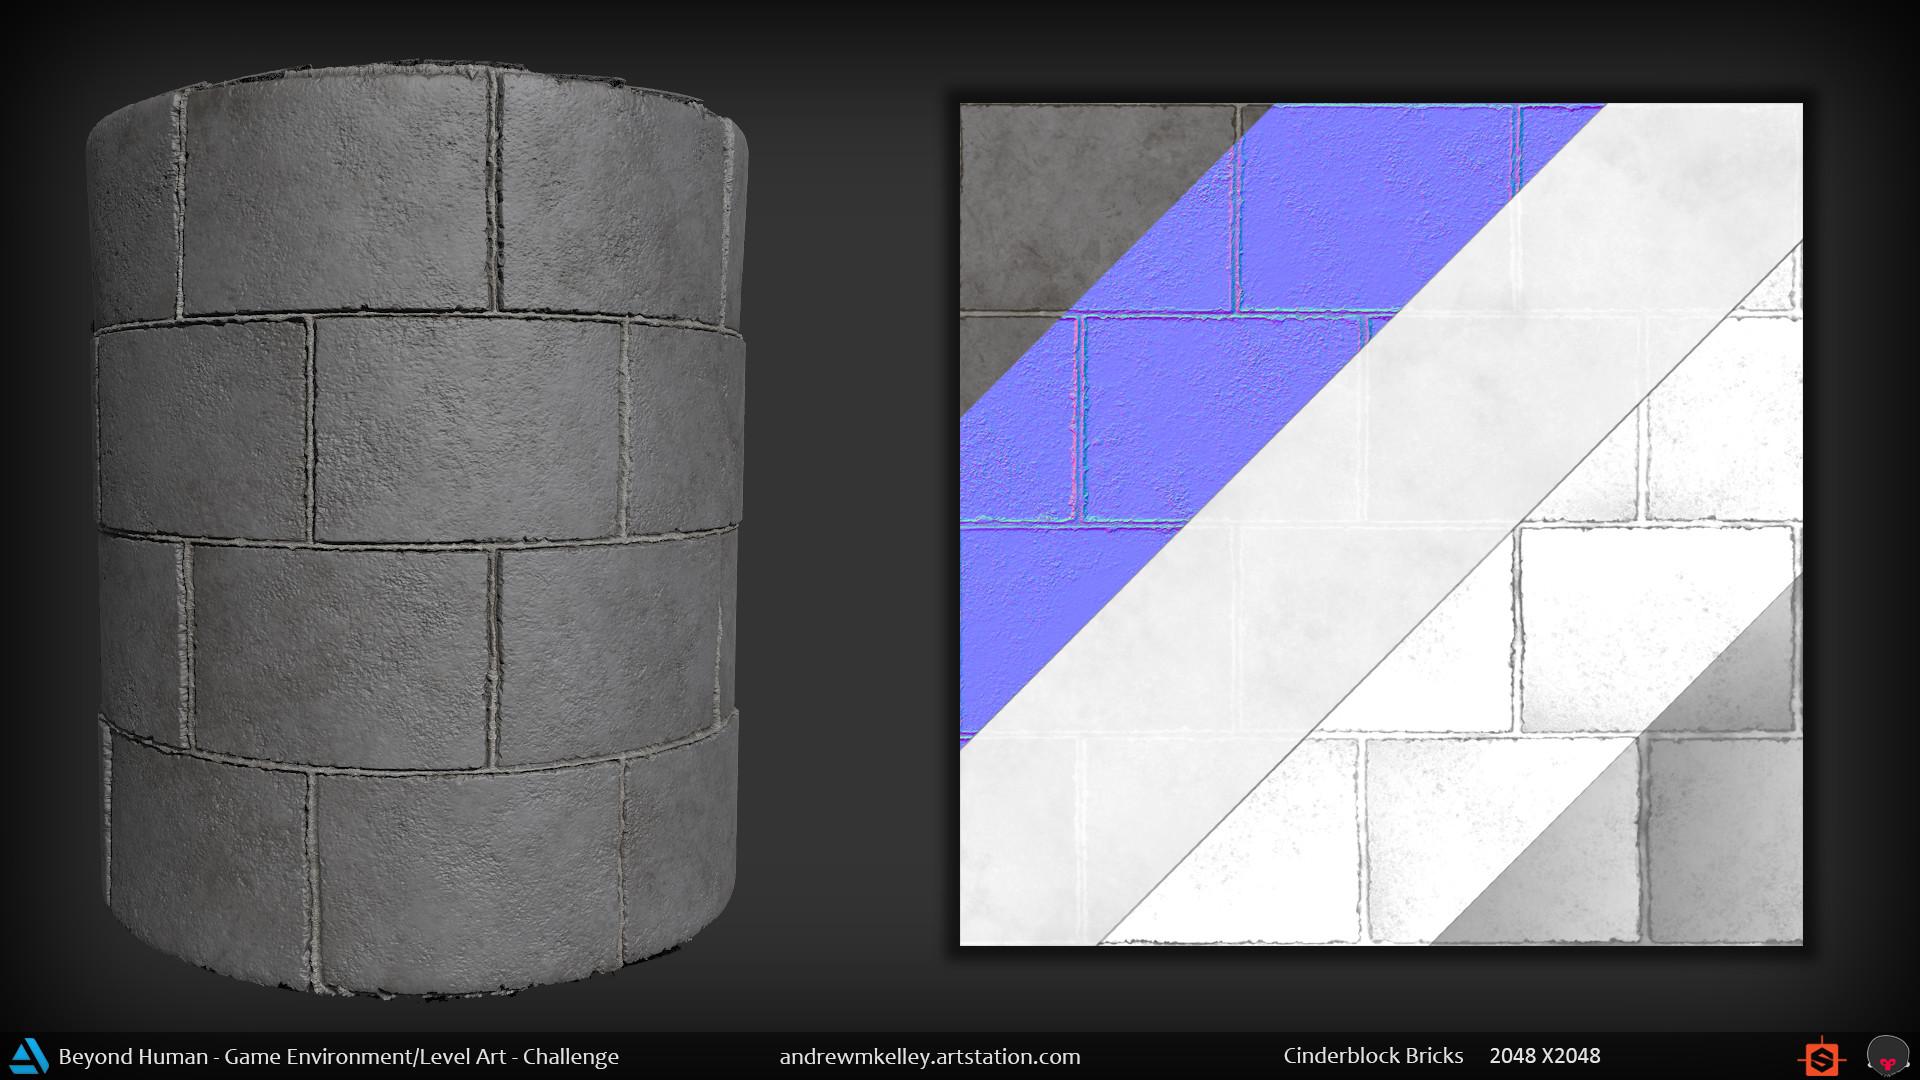 Andrew kelley materialshot cinderblockbricks